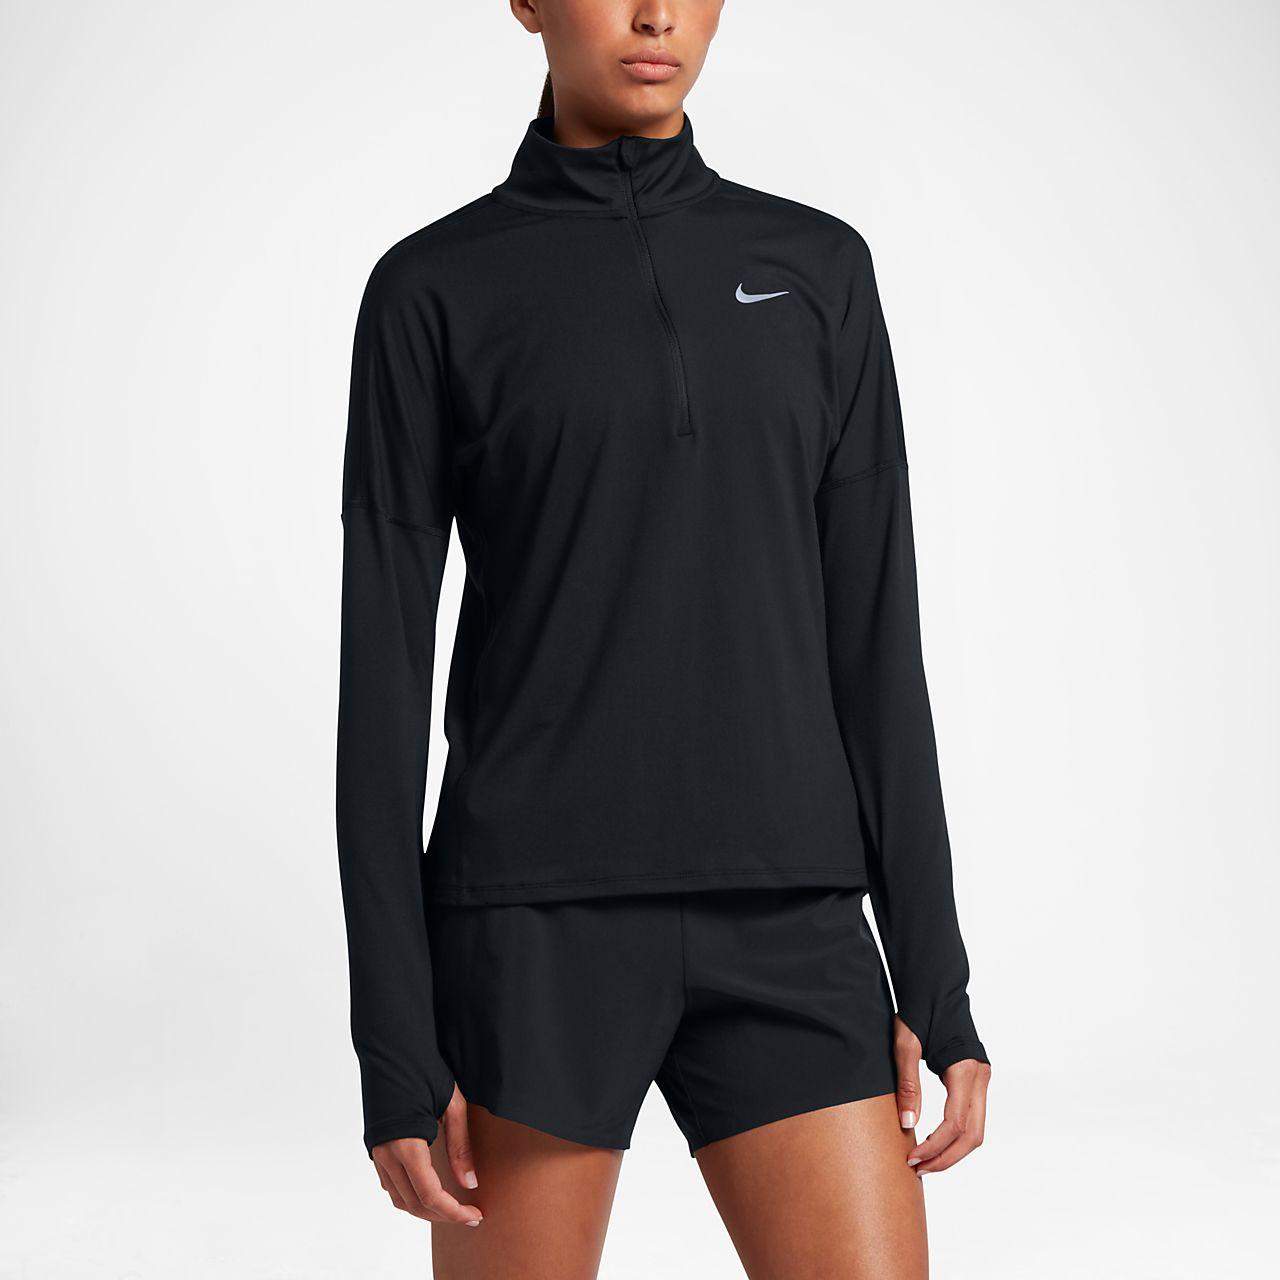 Γυναικεία μακρυμάνικη μπλούζα για τρέξιμο με φερμουάρ στο μισό μήκος Nike Dri-FIT